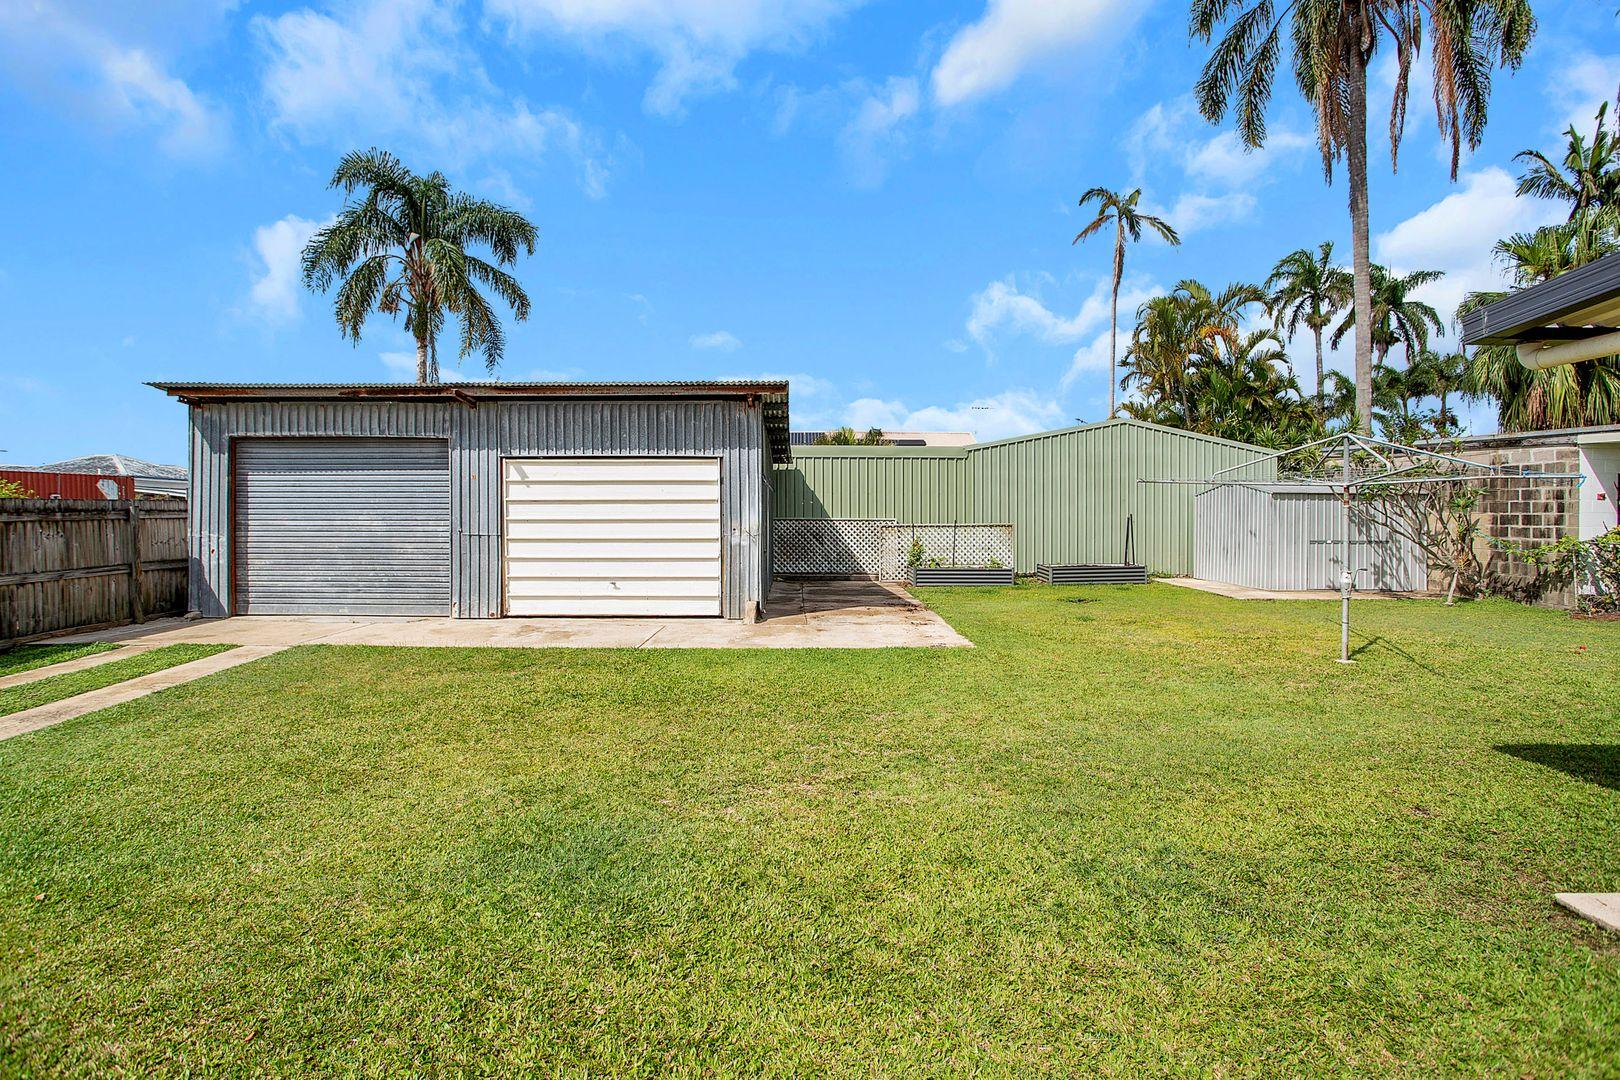 63 Donaldson  Street, West Mackay QLD 4740, Image 1